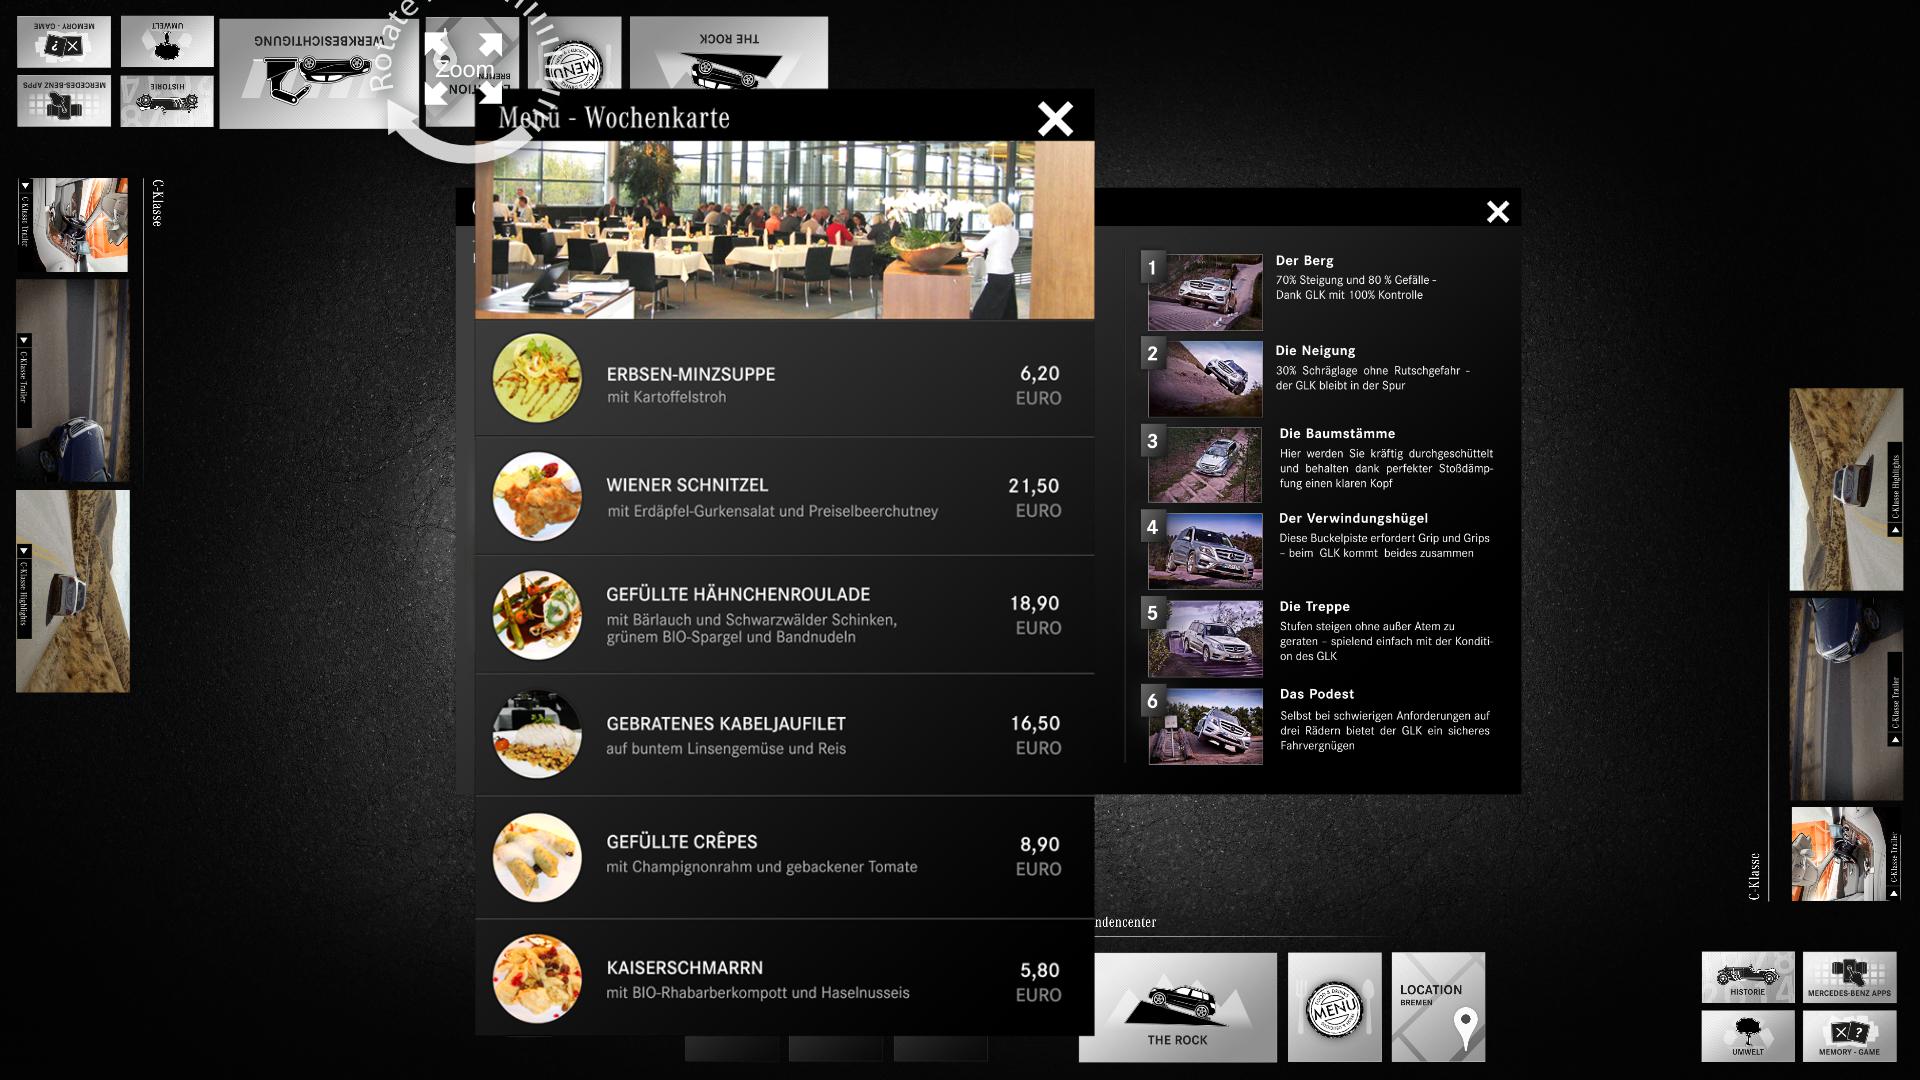 Daimler_Screenshot_02